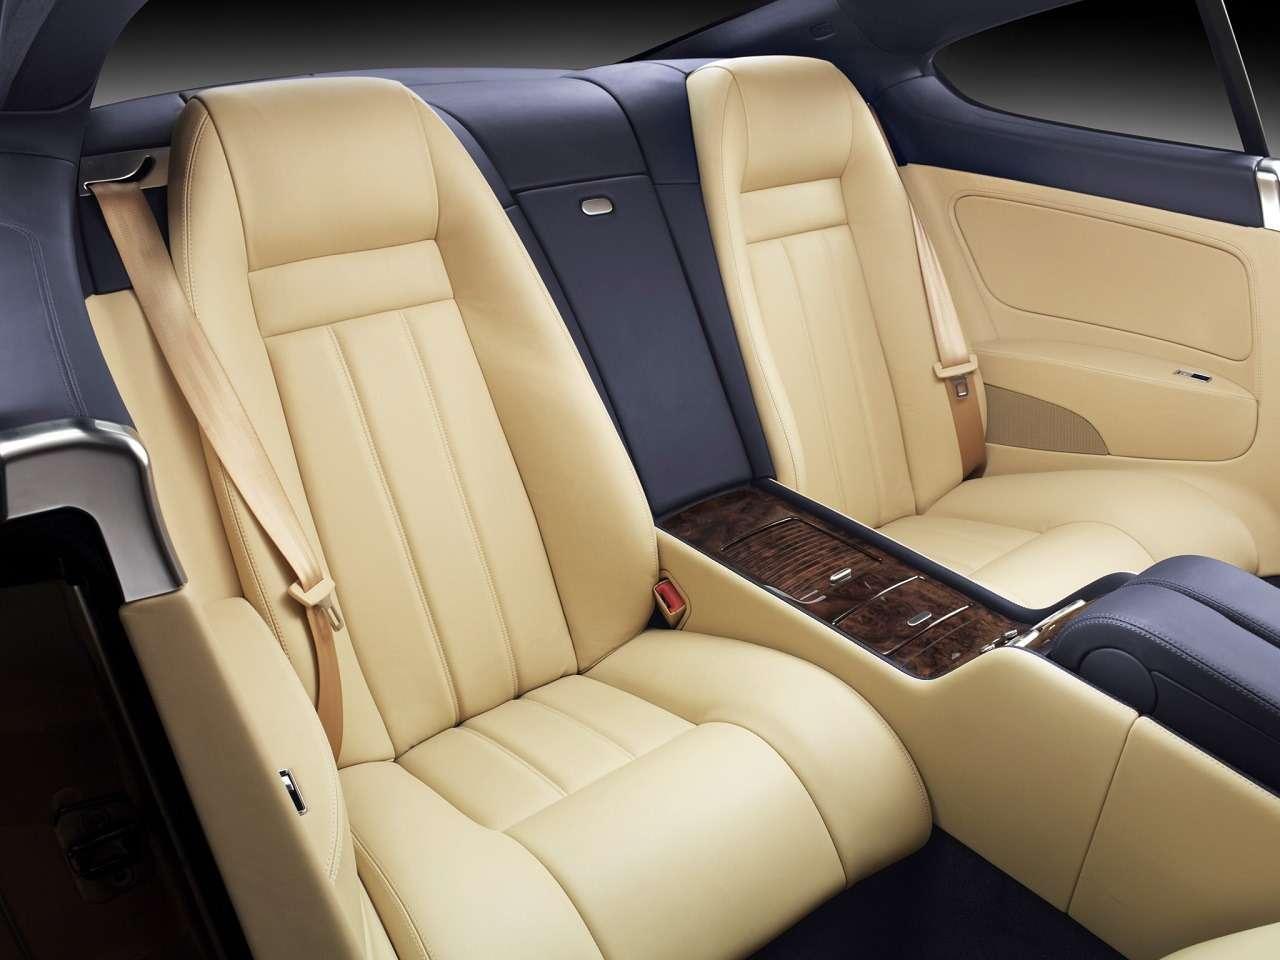 Роскошь недорого: как выбрать Bentley спробегом (инеразориться потом)— фото 1242683